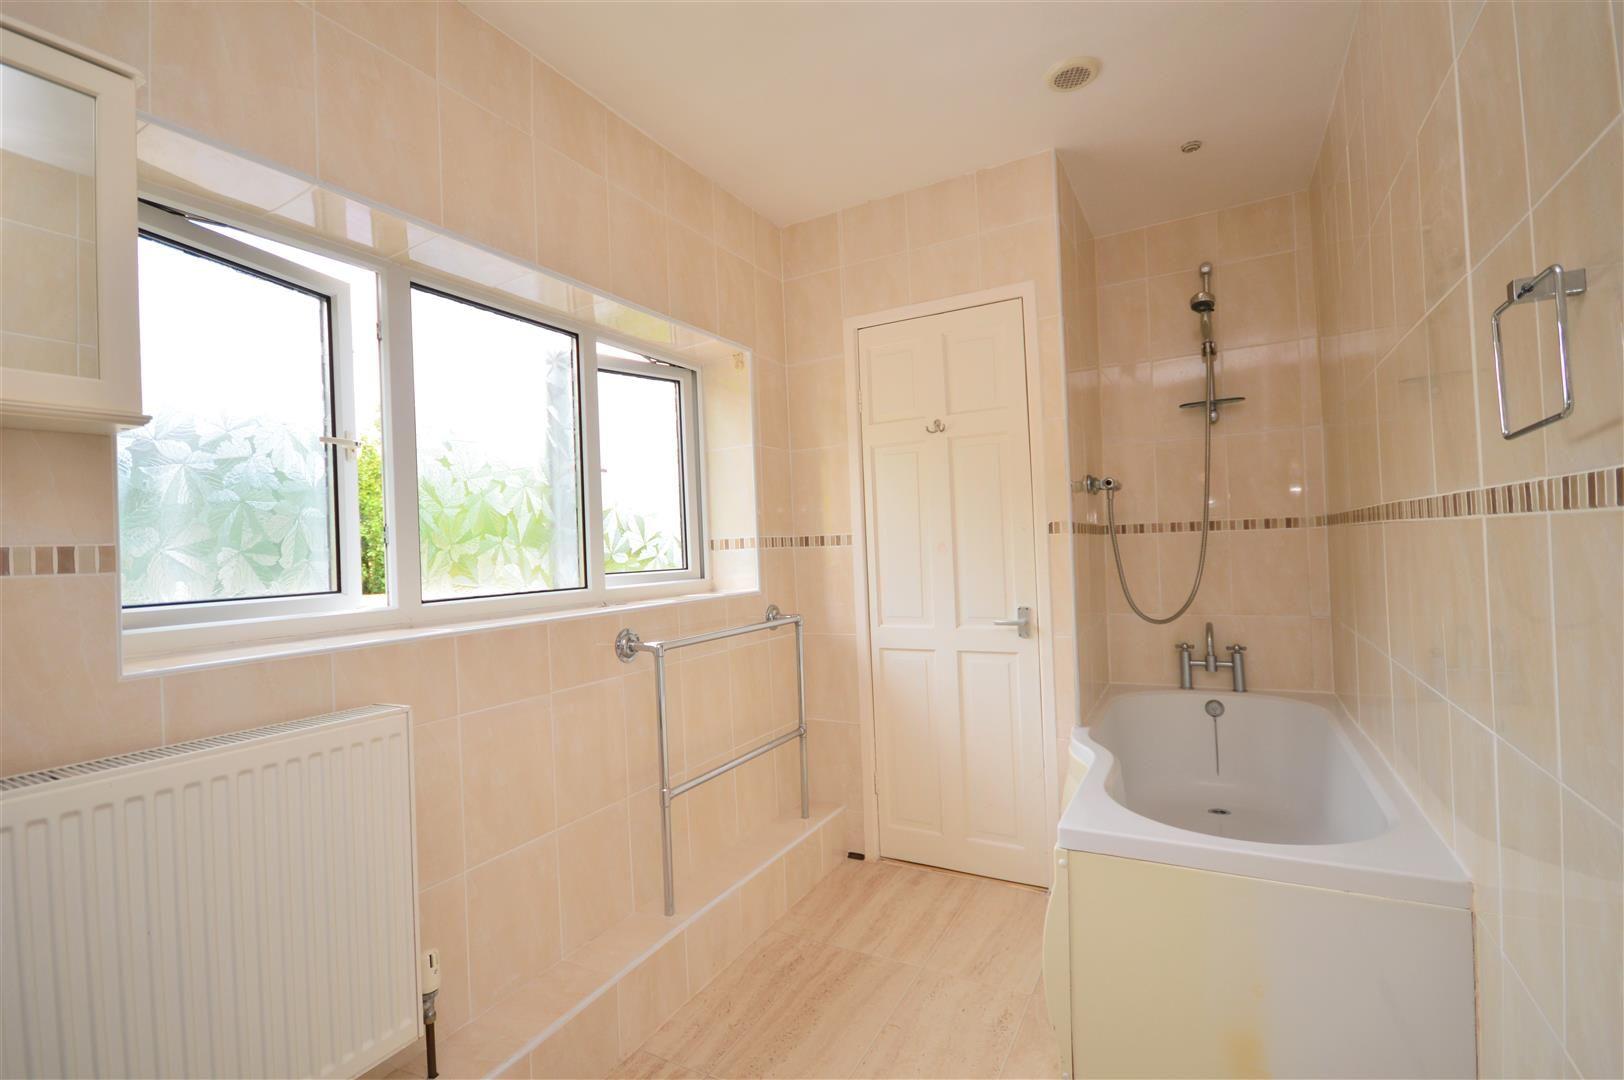 4 bed detached for sale in Tillington  - Property Image 14